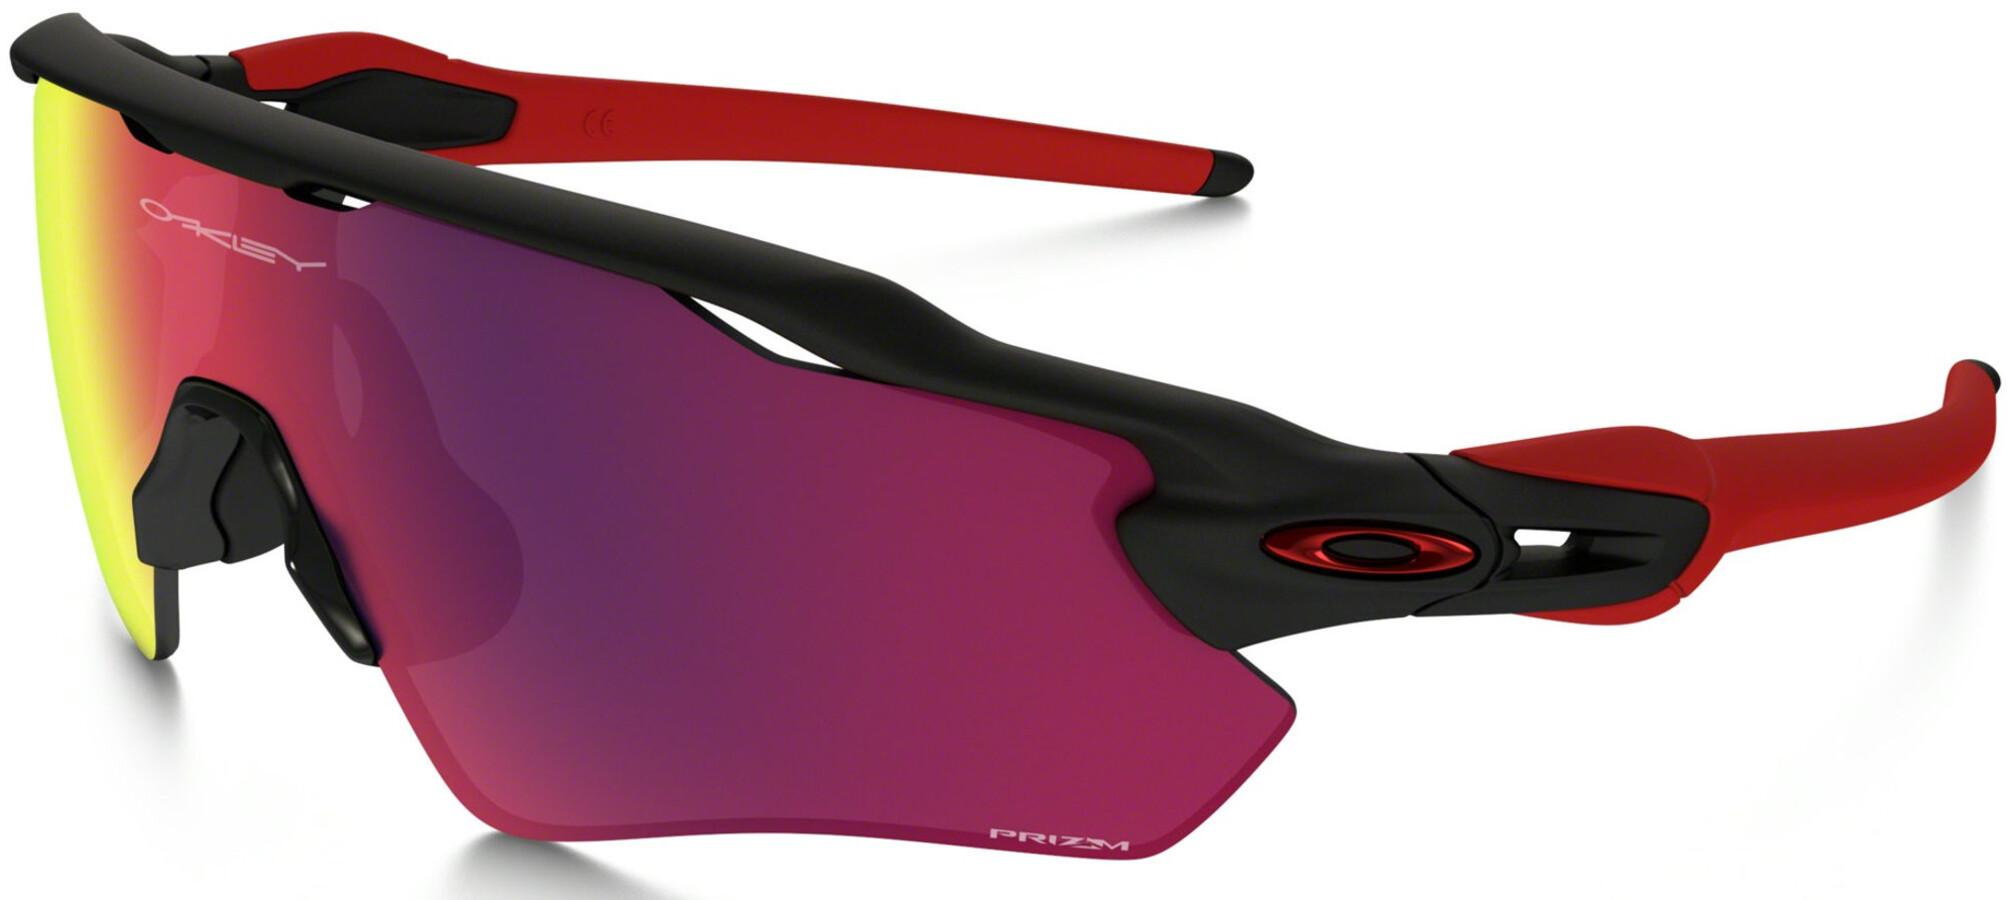 202fa5bea18562 Oakley Radar EV XS Path - Lunettes cyclisme - rouge noir - Boutique ...